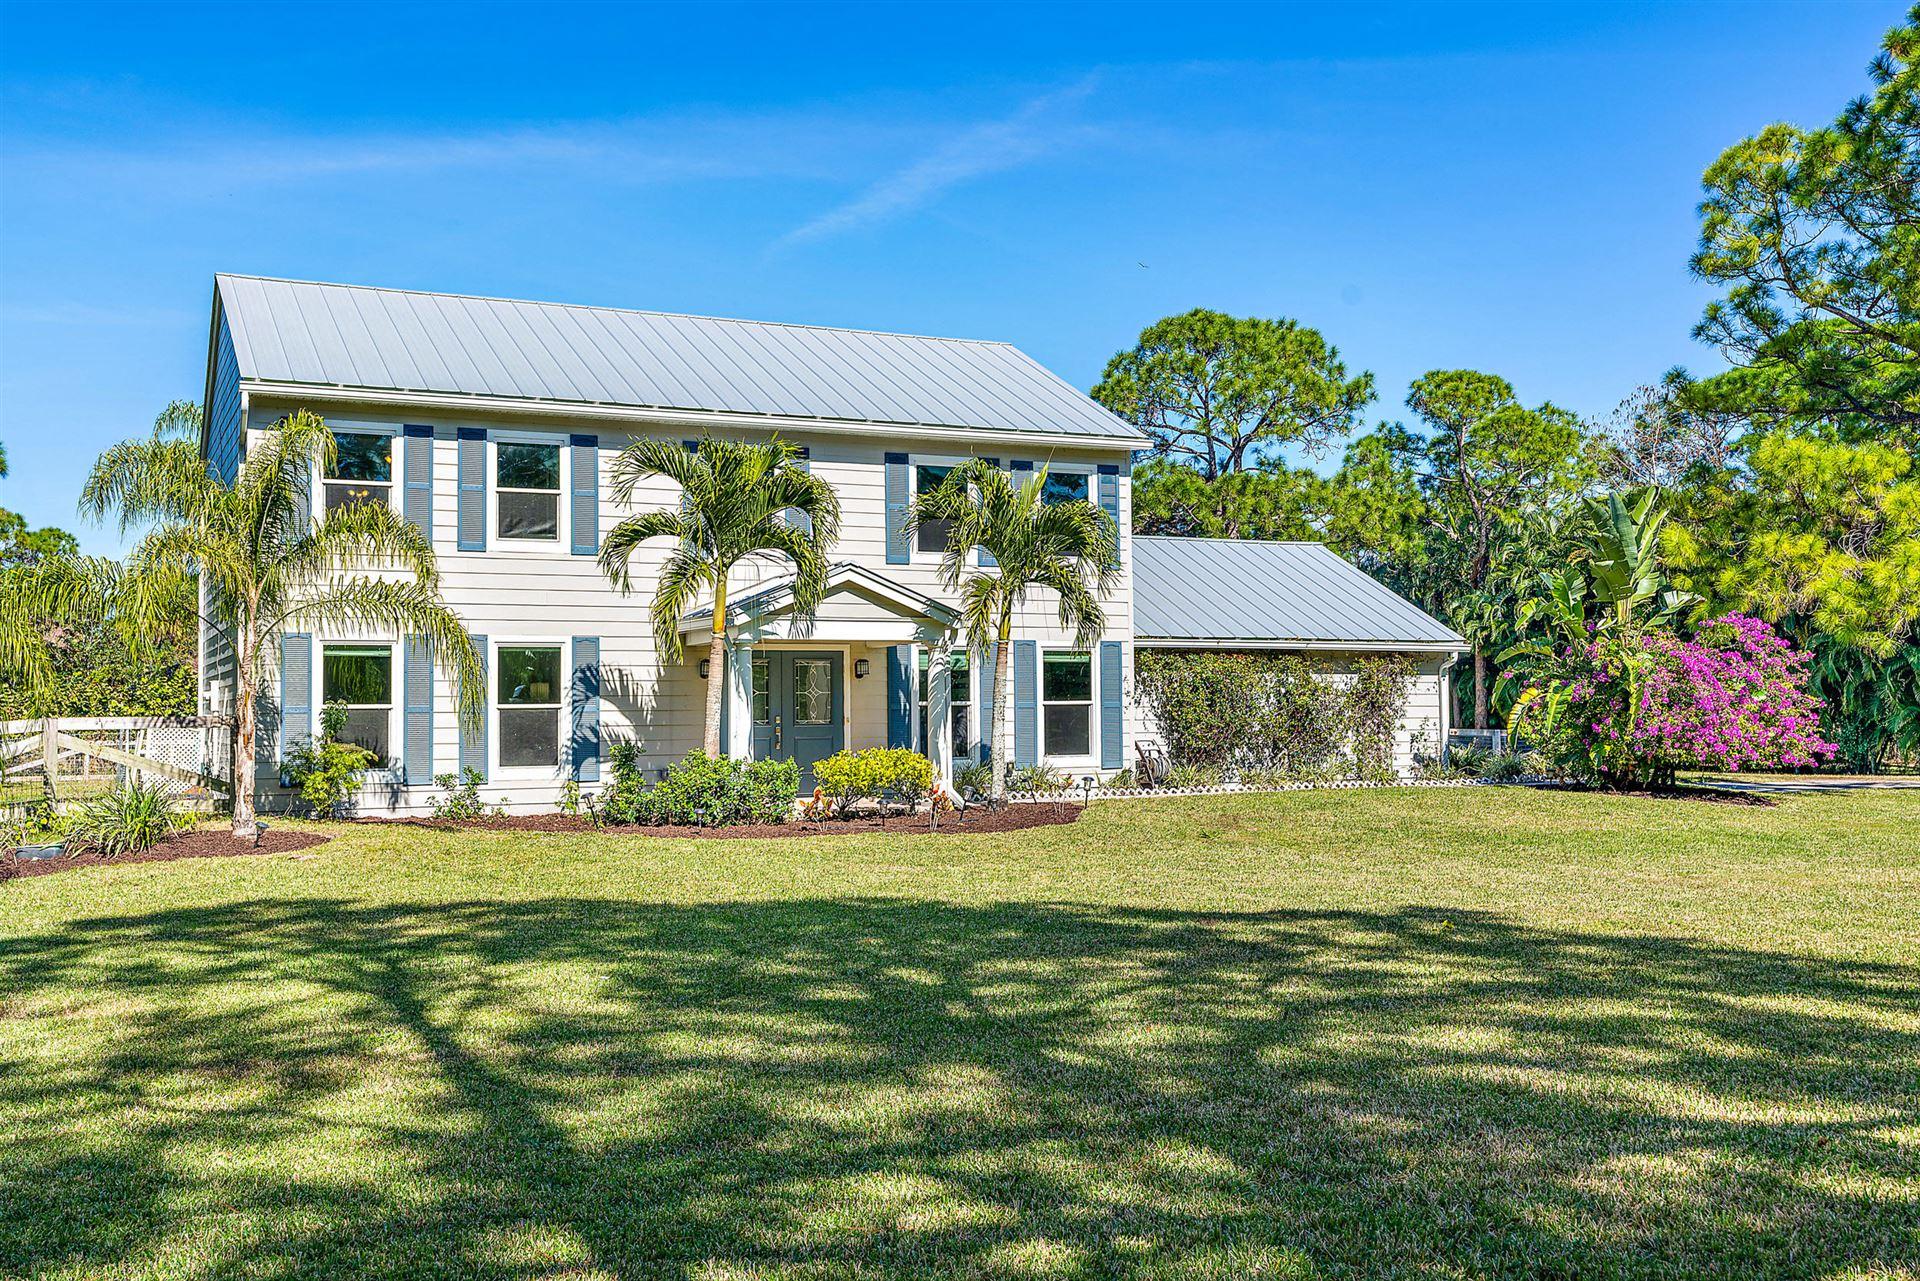 Photo of 7127 154th Court N, Palm Beach Gardens, FL 33418 (MLS # RX-10686528)